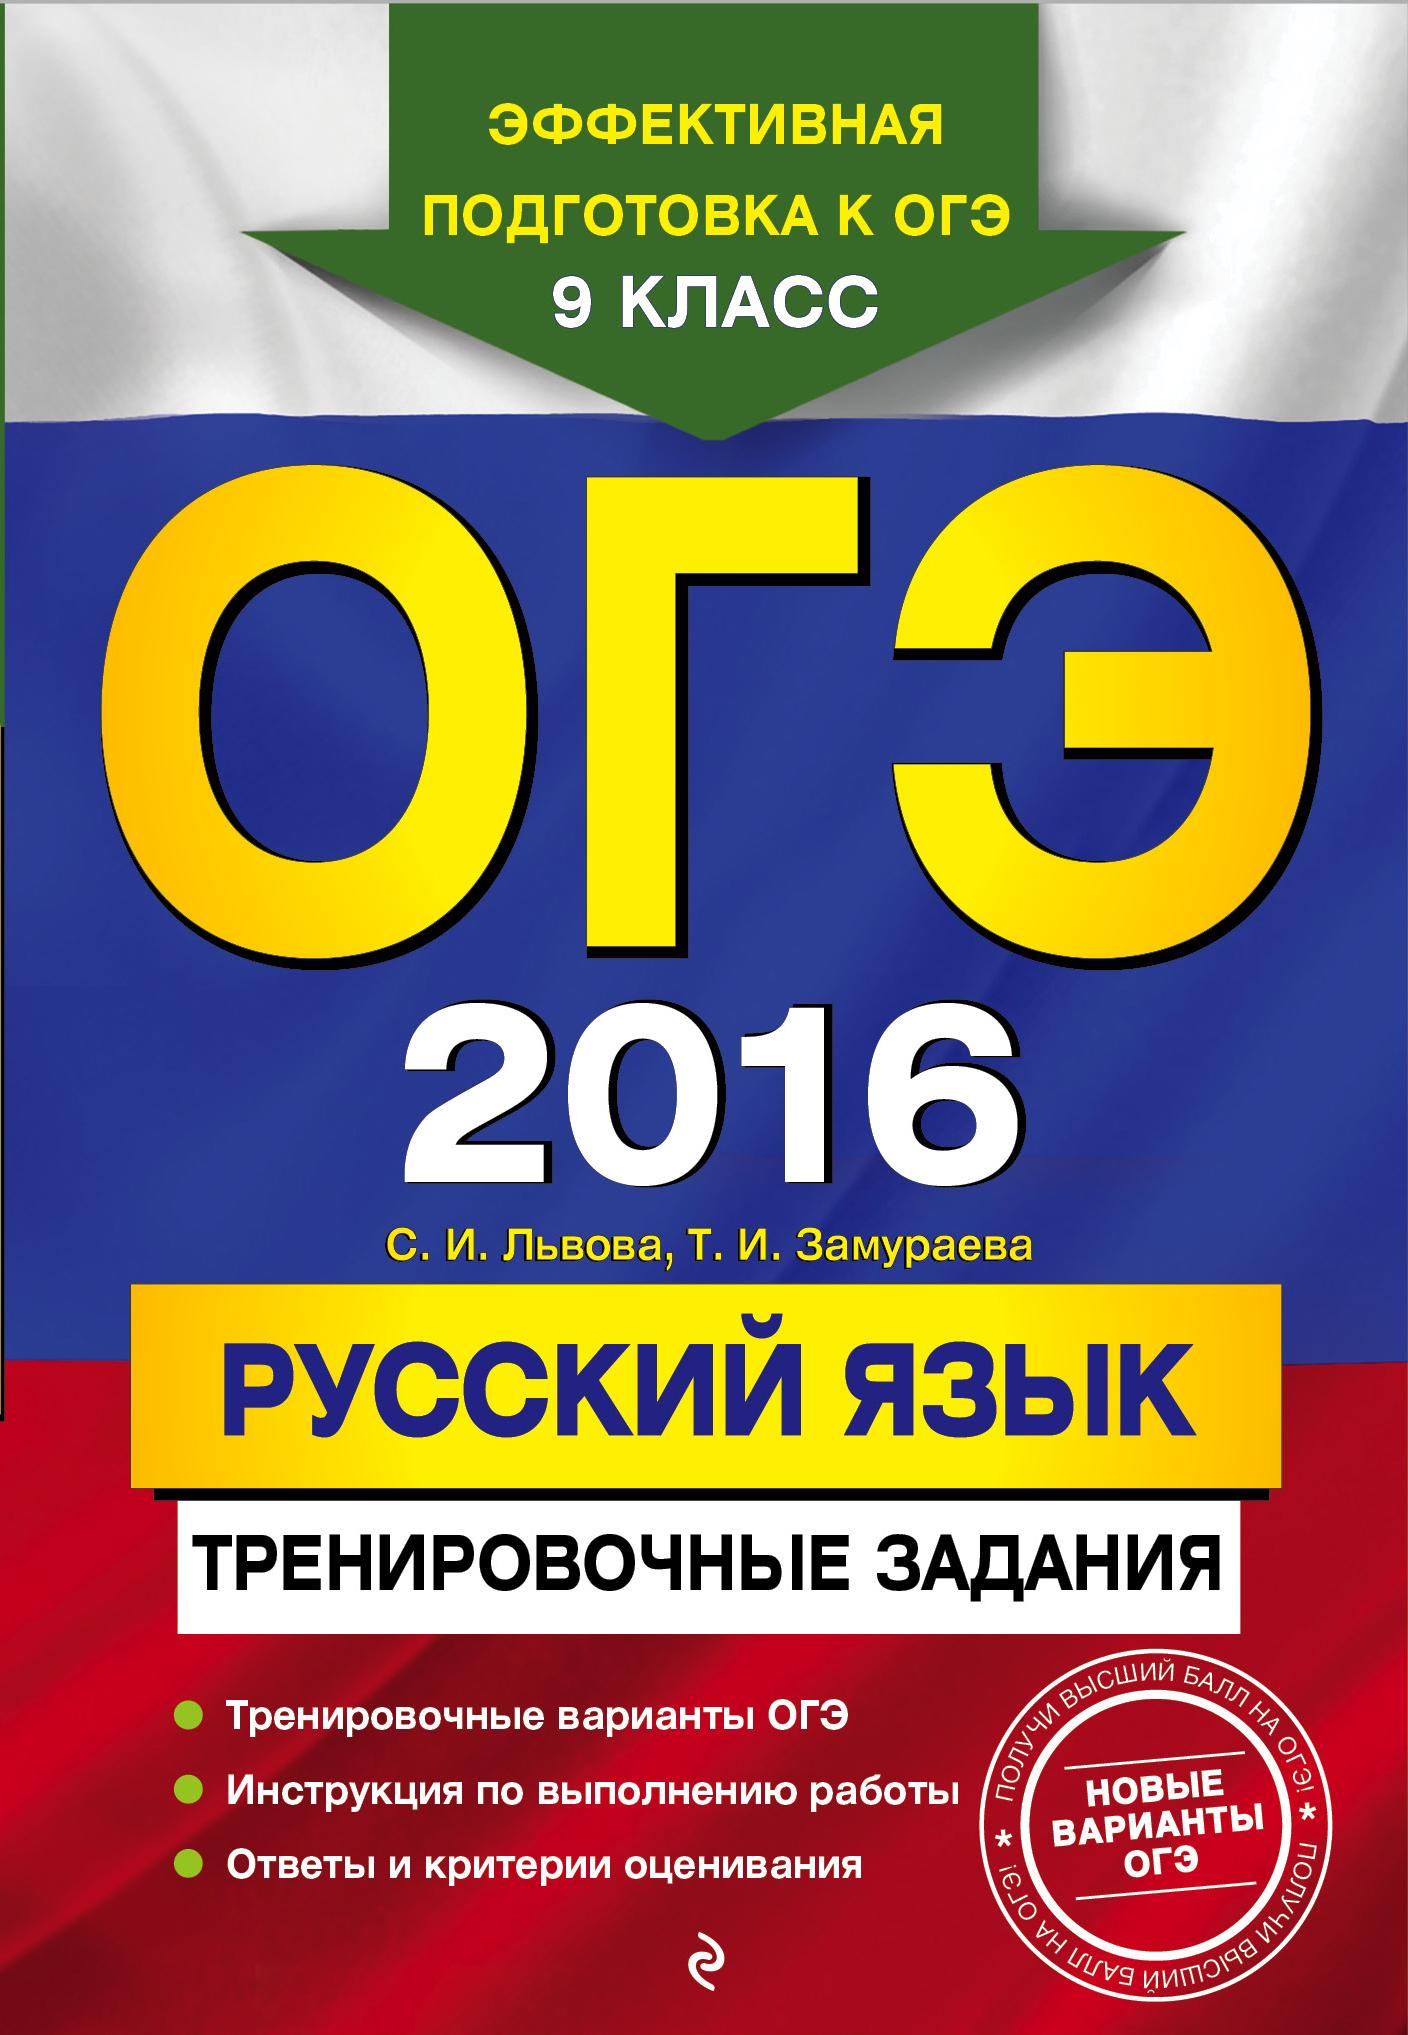 ОГЭ-2016. Русский язык: тренировочные задания от book24.ru